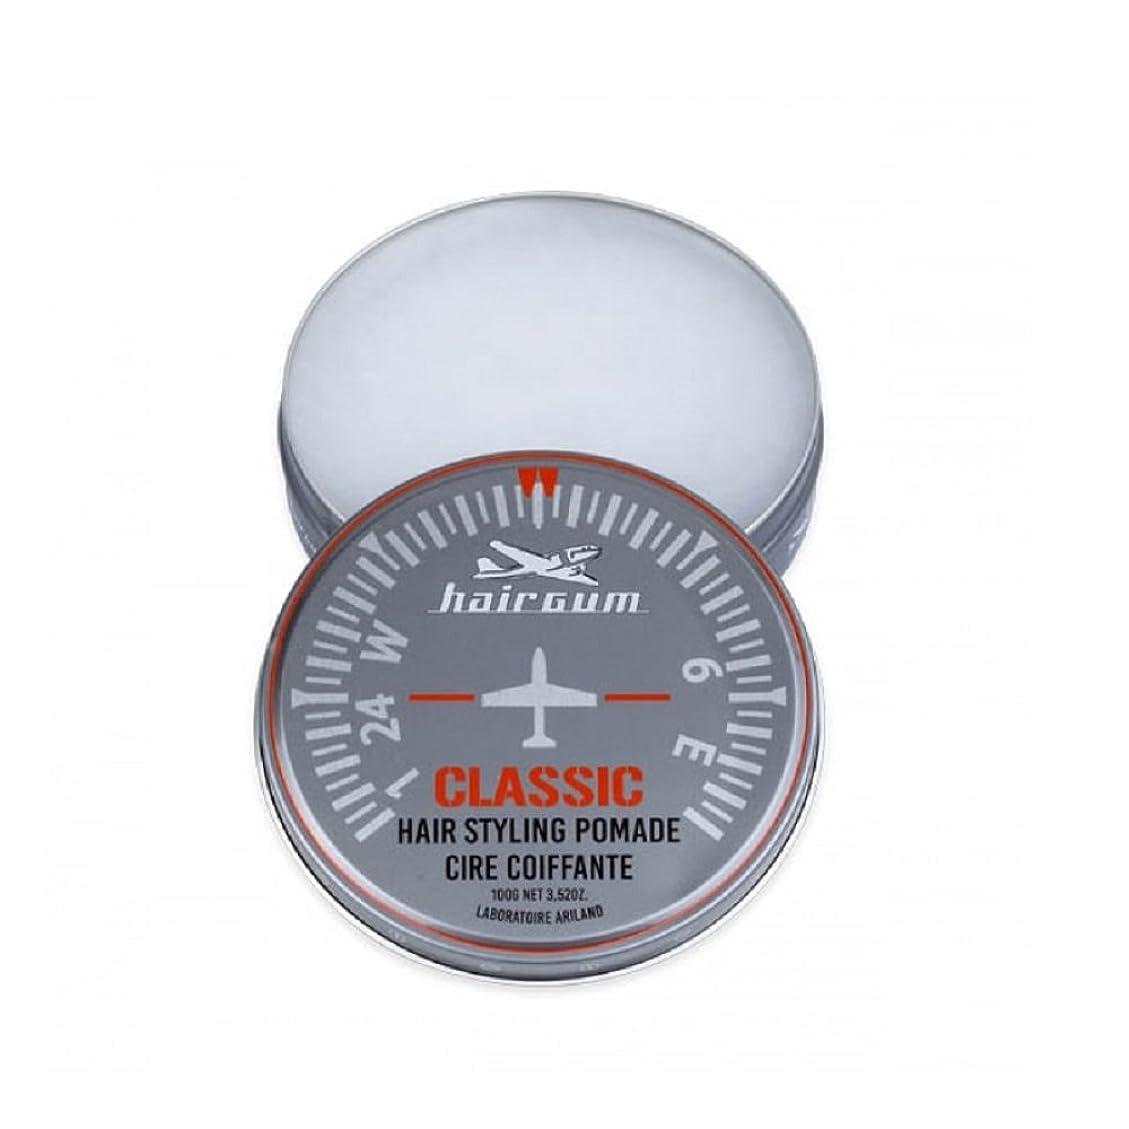 知覚する気味の悪いキュービックhairgum(ヘアガム) Classic Pomade 100g ヘアガム クラシック 油性ポマード